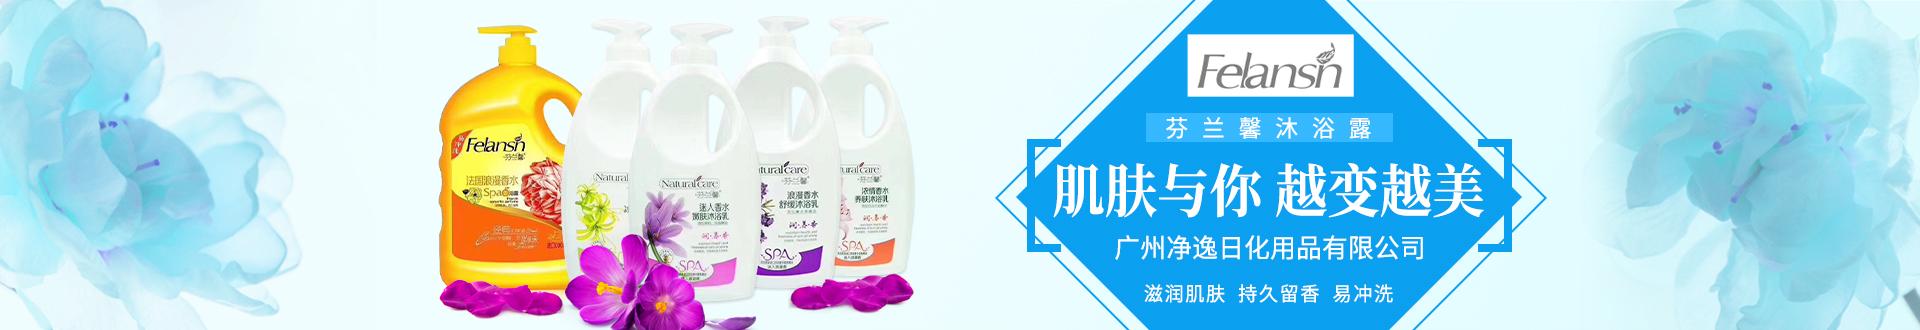 广州净逸日化用品有限公司